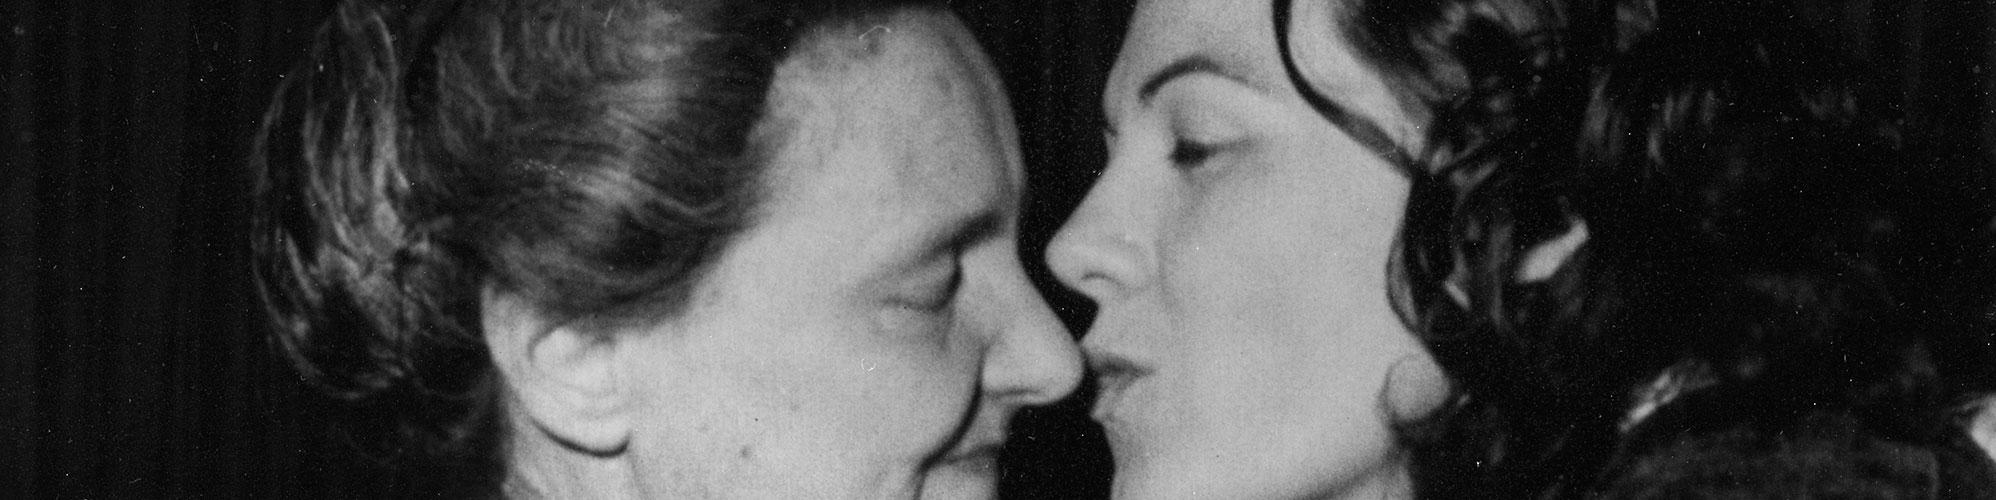 Renata Tebaldi con la mamma, Firenze 1956